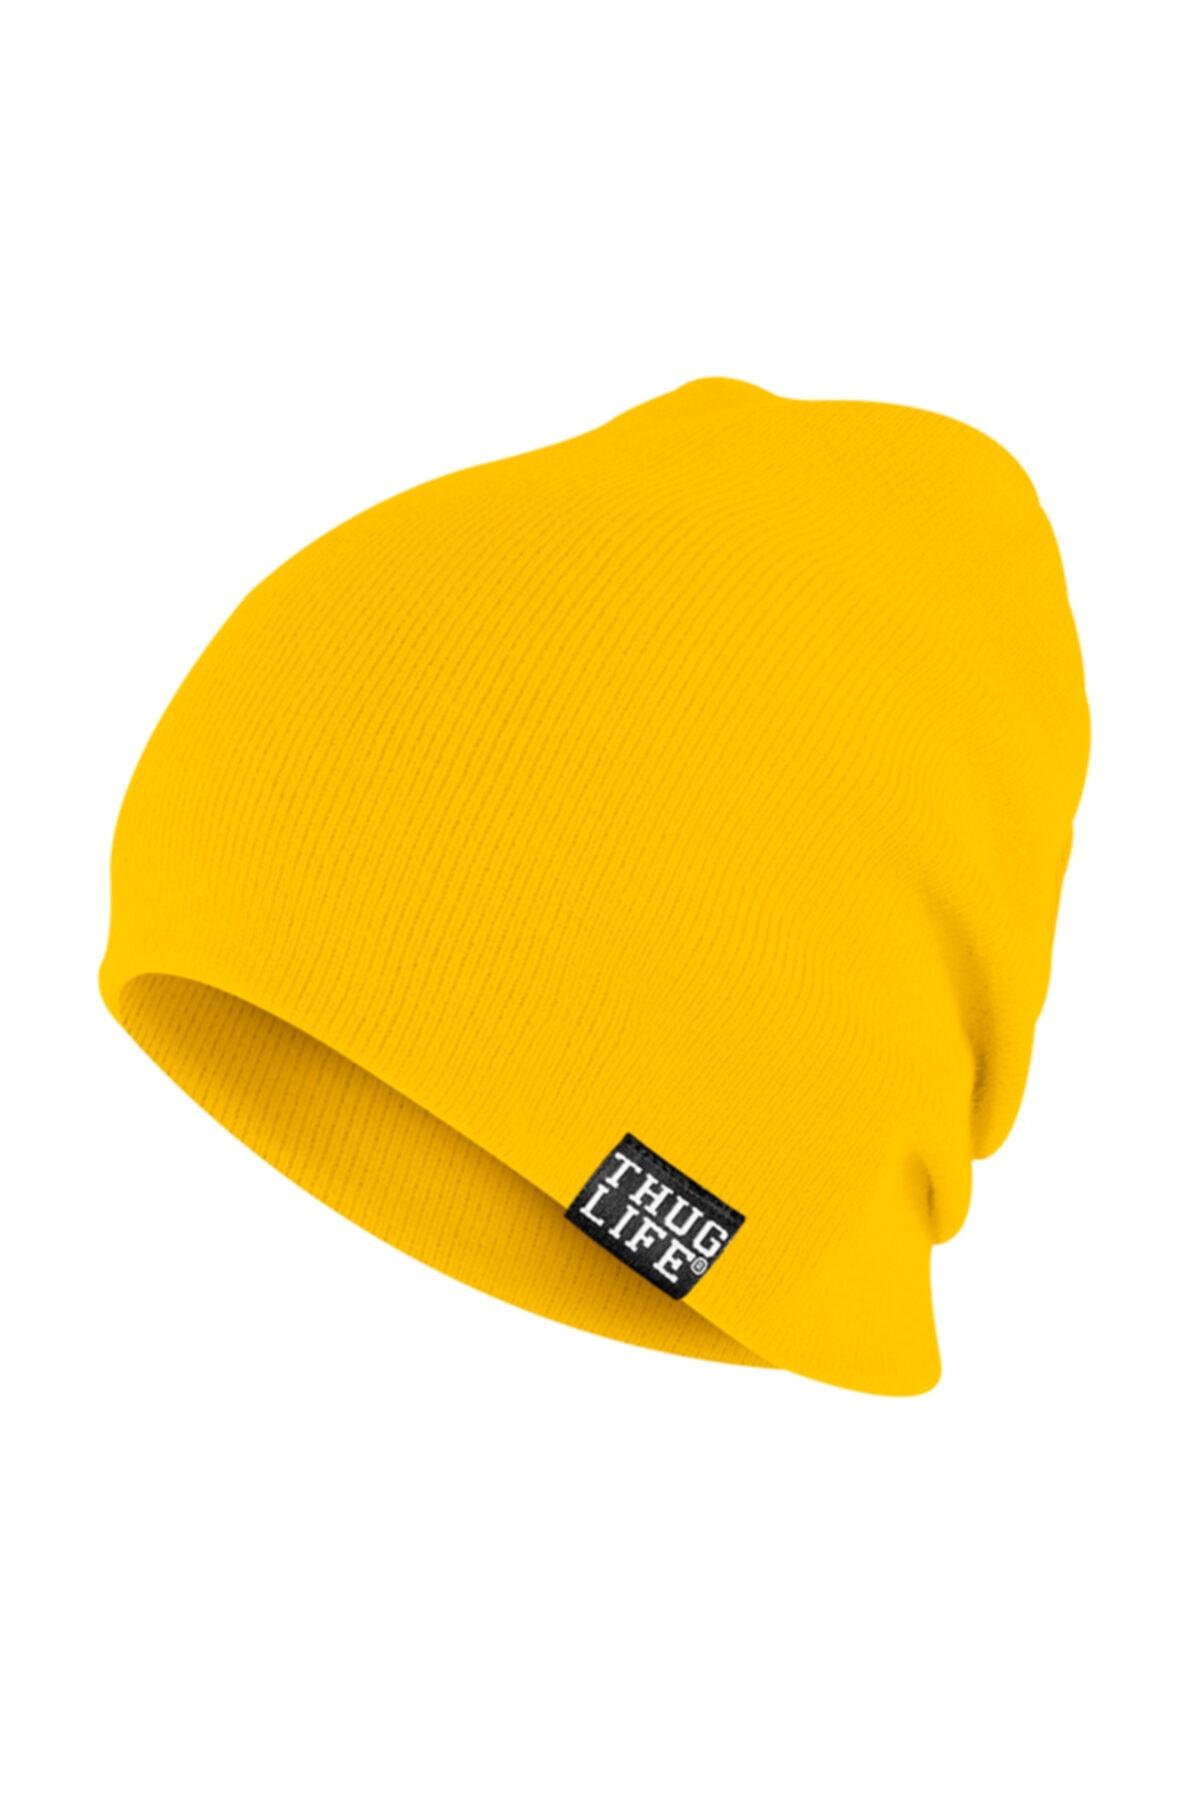 Thug Life Triko Bere Sarı 1